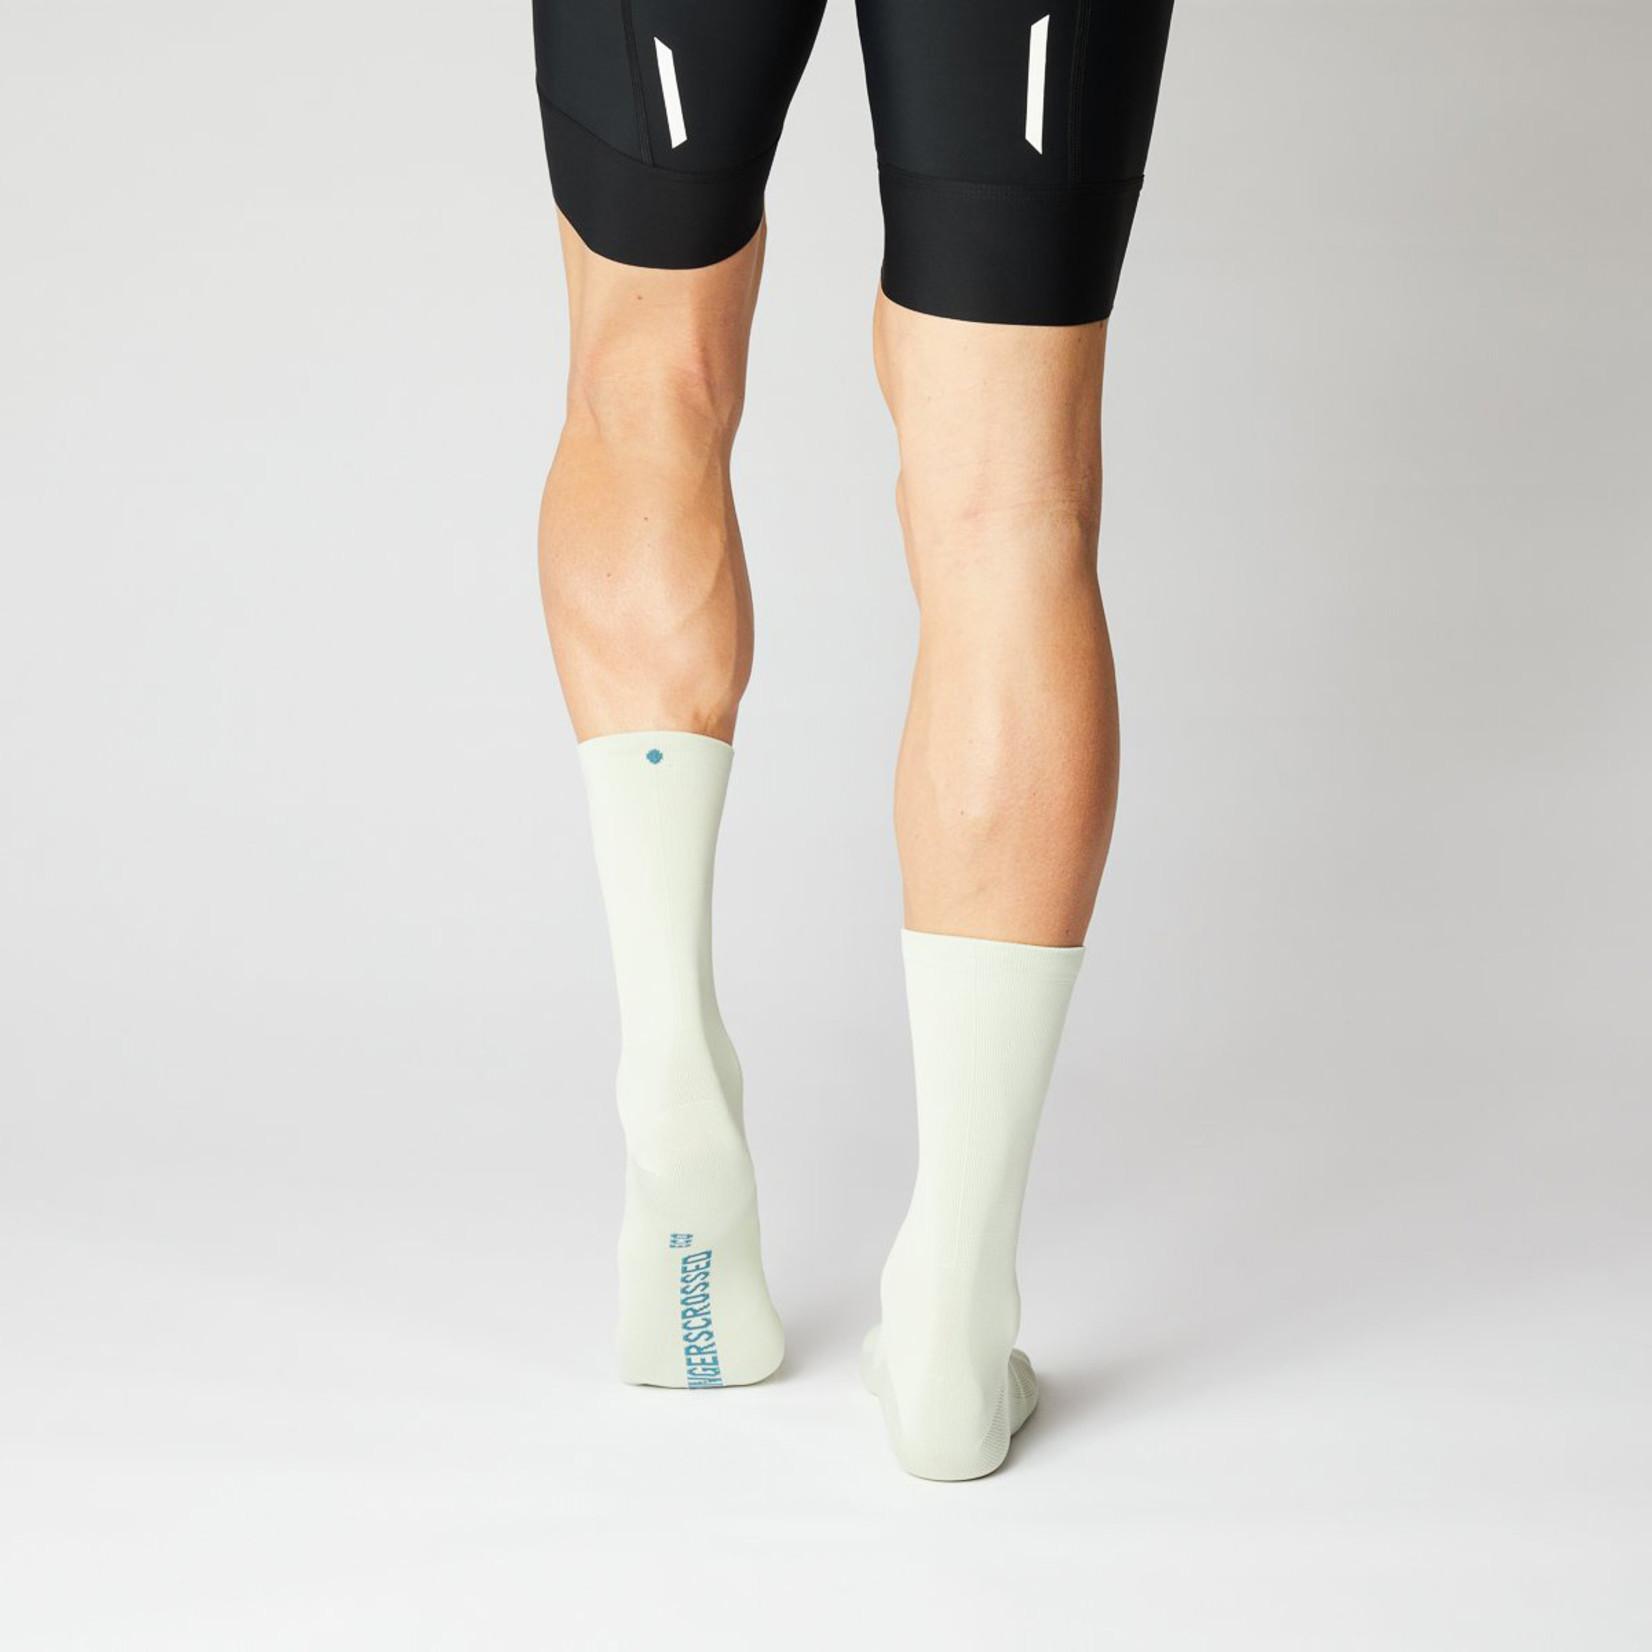 Fingerscrossed FINGERSCROSSED Eco Socks - Sea Foam